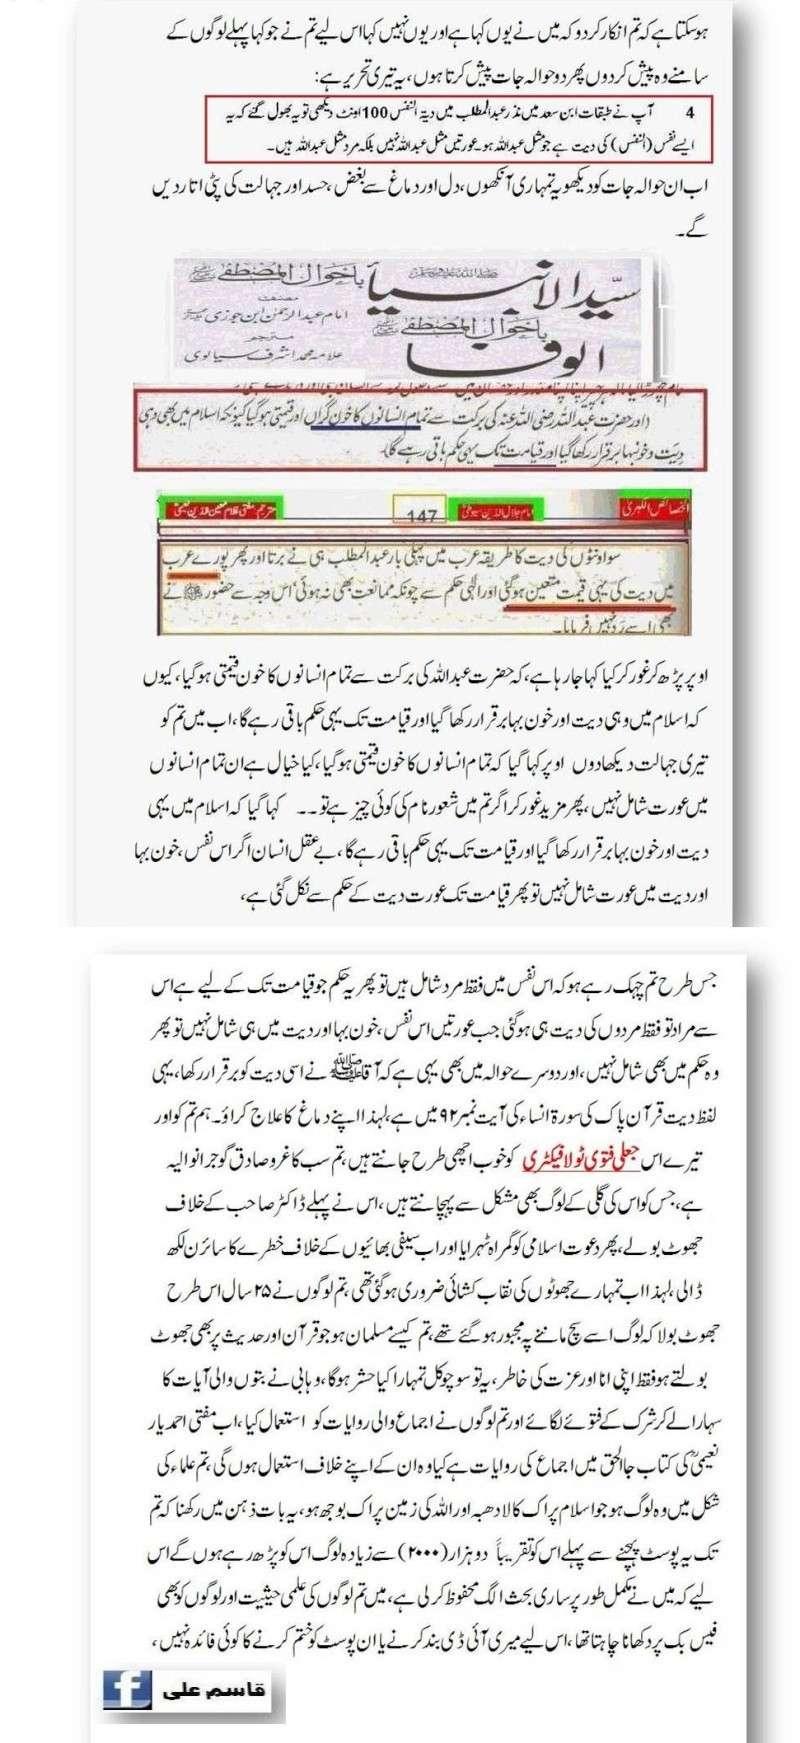 دیت کی جعلی فتوی فیکٹری پر منہاج القرآن کی فتح کا جھنڈا - Page 2 3d10